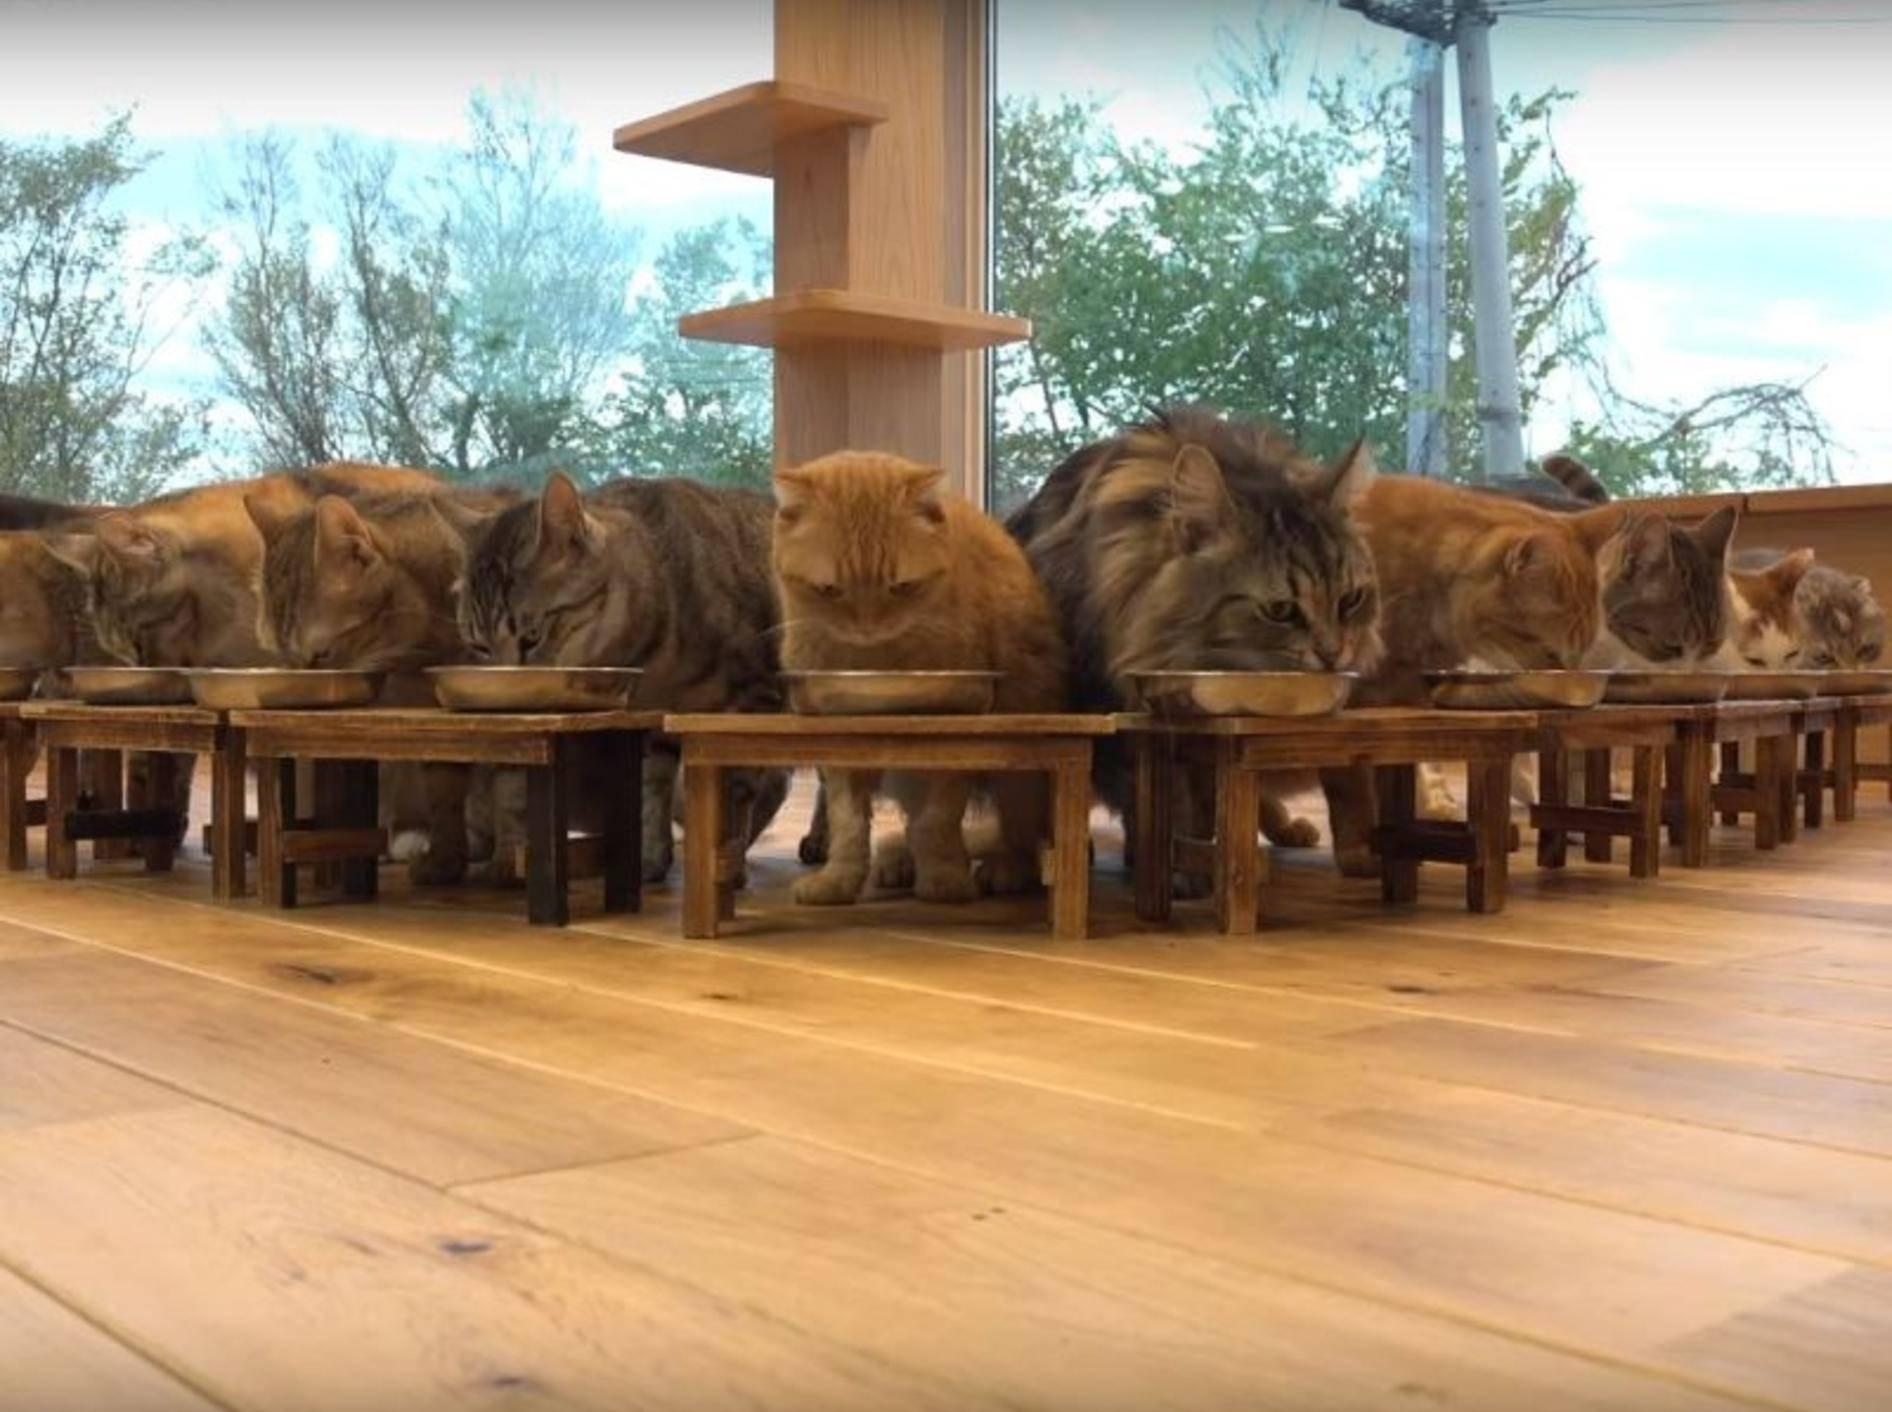 Vorstellungsrunde: So heißen die Bewohner der japanischen Katzen-WG – YouTube / 10 Cats.+